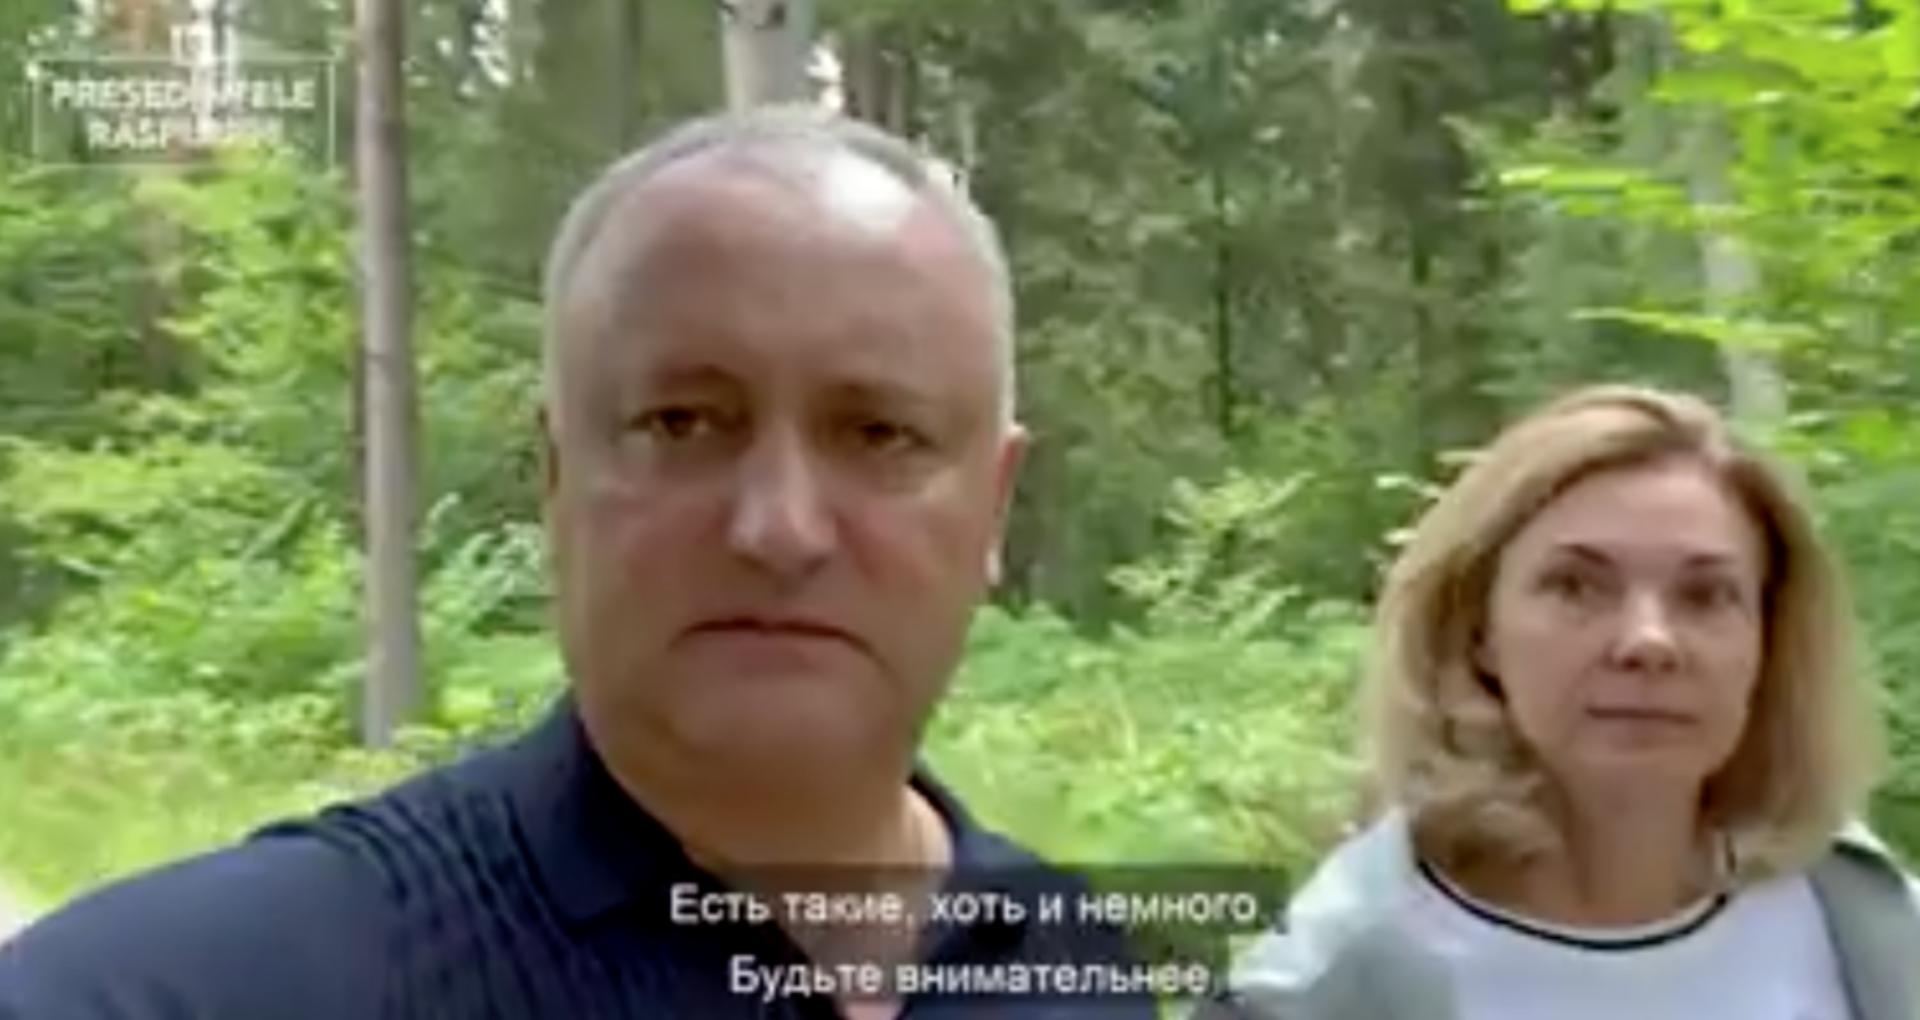 Vacanța familiei prezidențiale: Igor Dodon și cu prima doamnă se odihnesc în Rusia, copiii – în Turcia